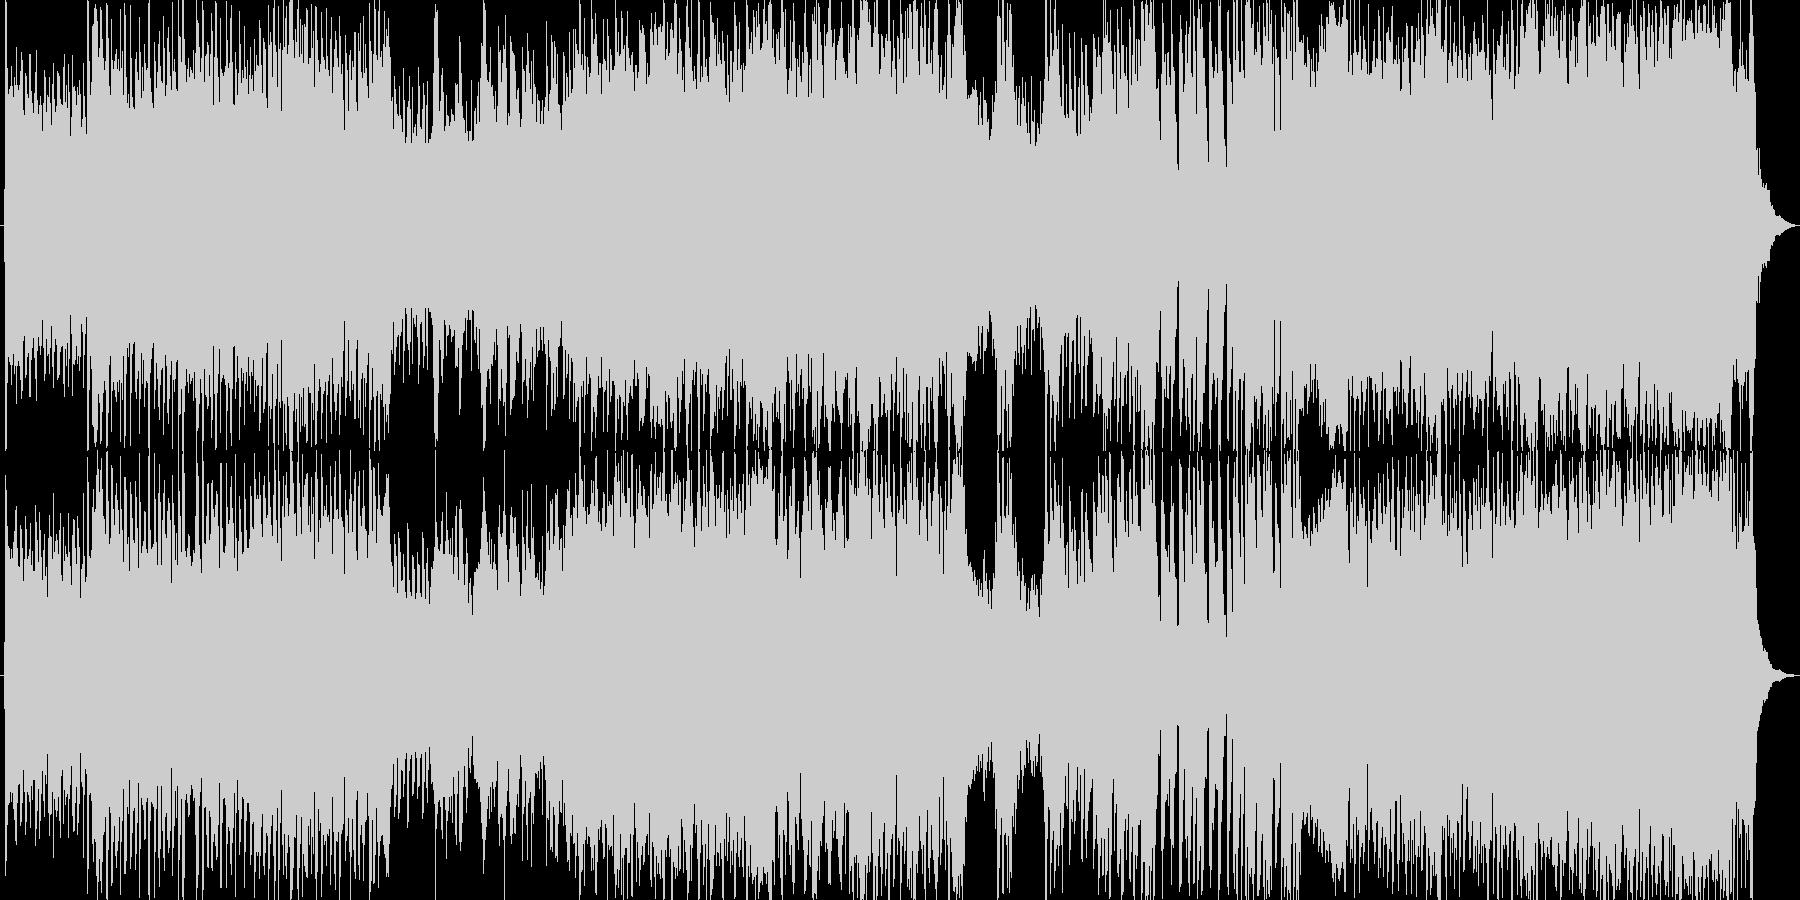 映画・ゲーム用バトルBGM37_Longの未再生の波形